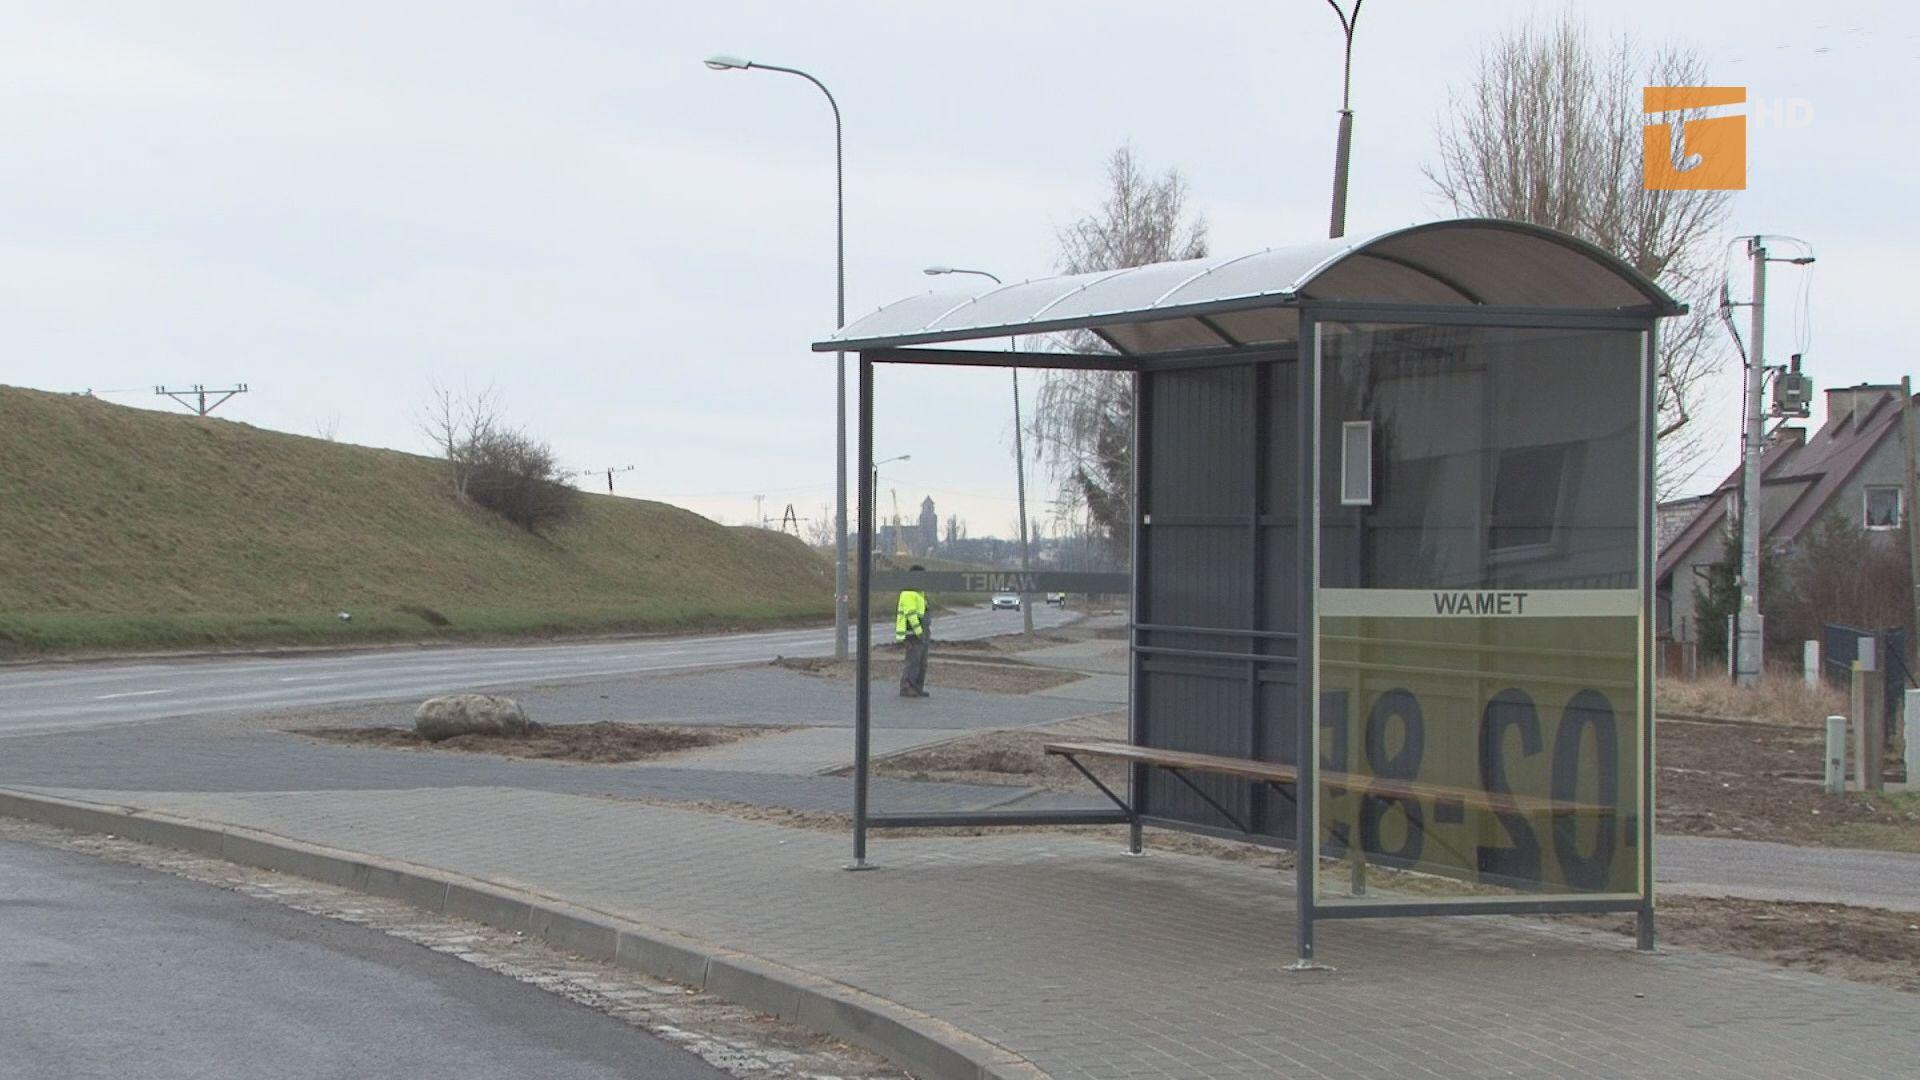 Zakład Usług Komunalnych montuje w mieście nowe wiaty przystankowe